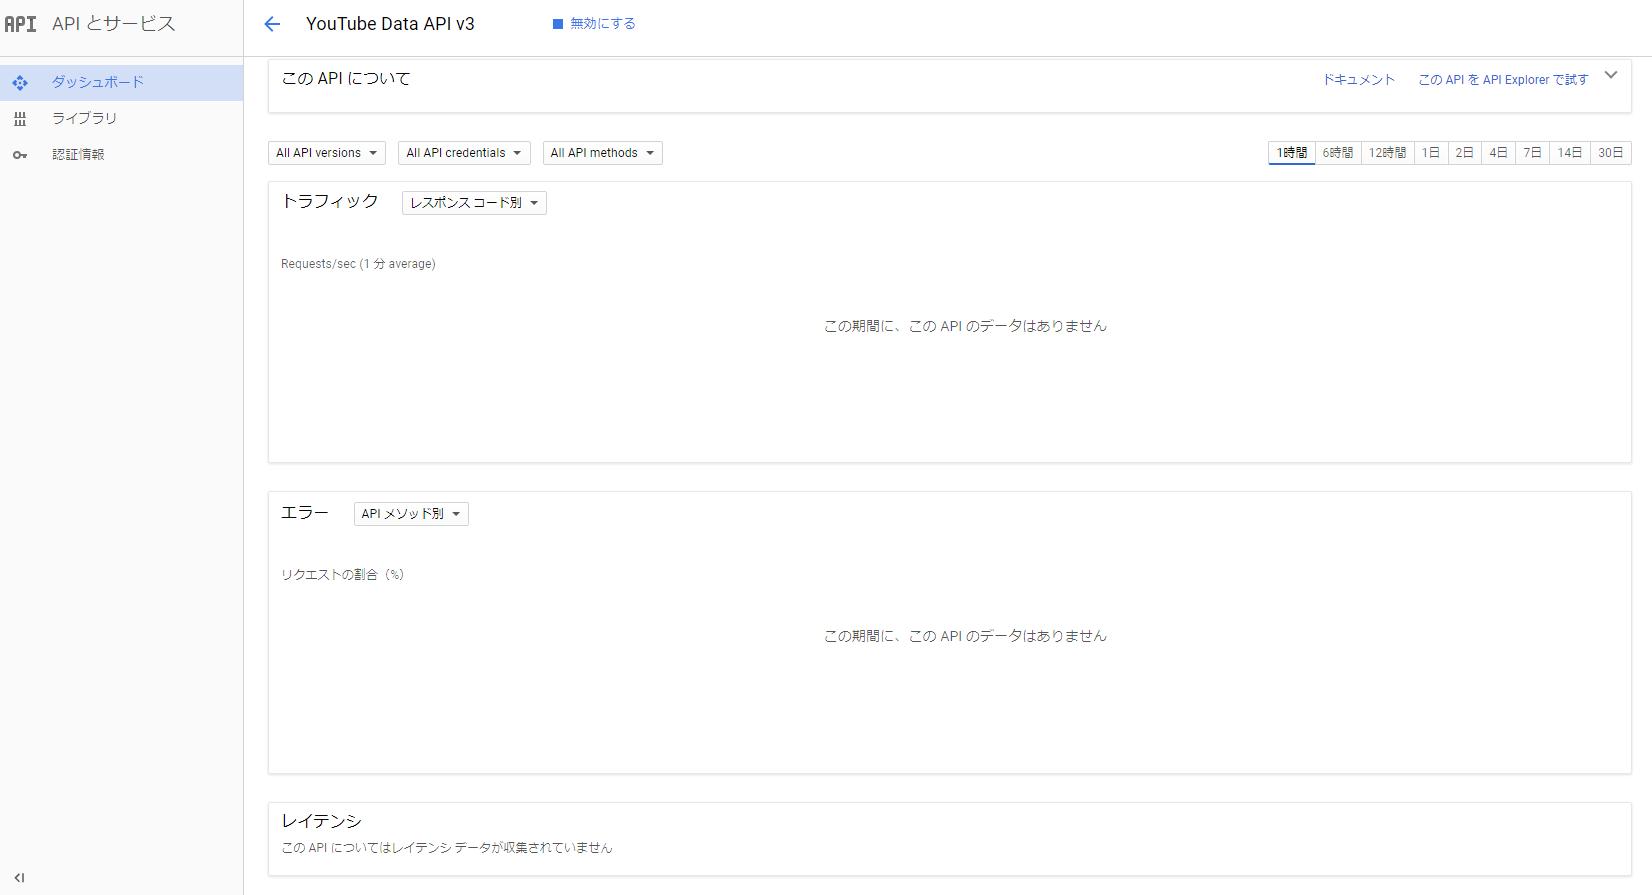 google_api11.png